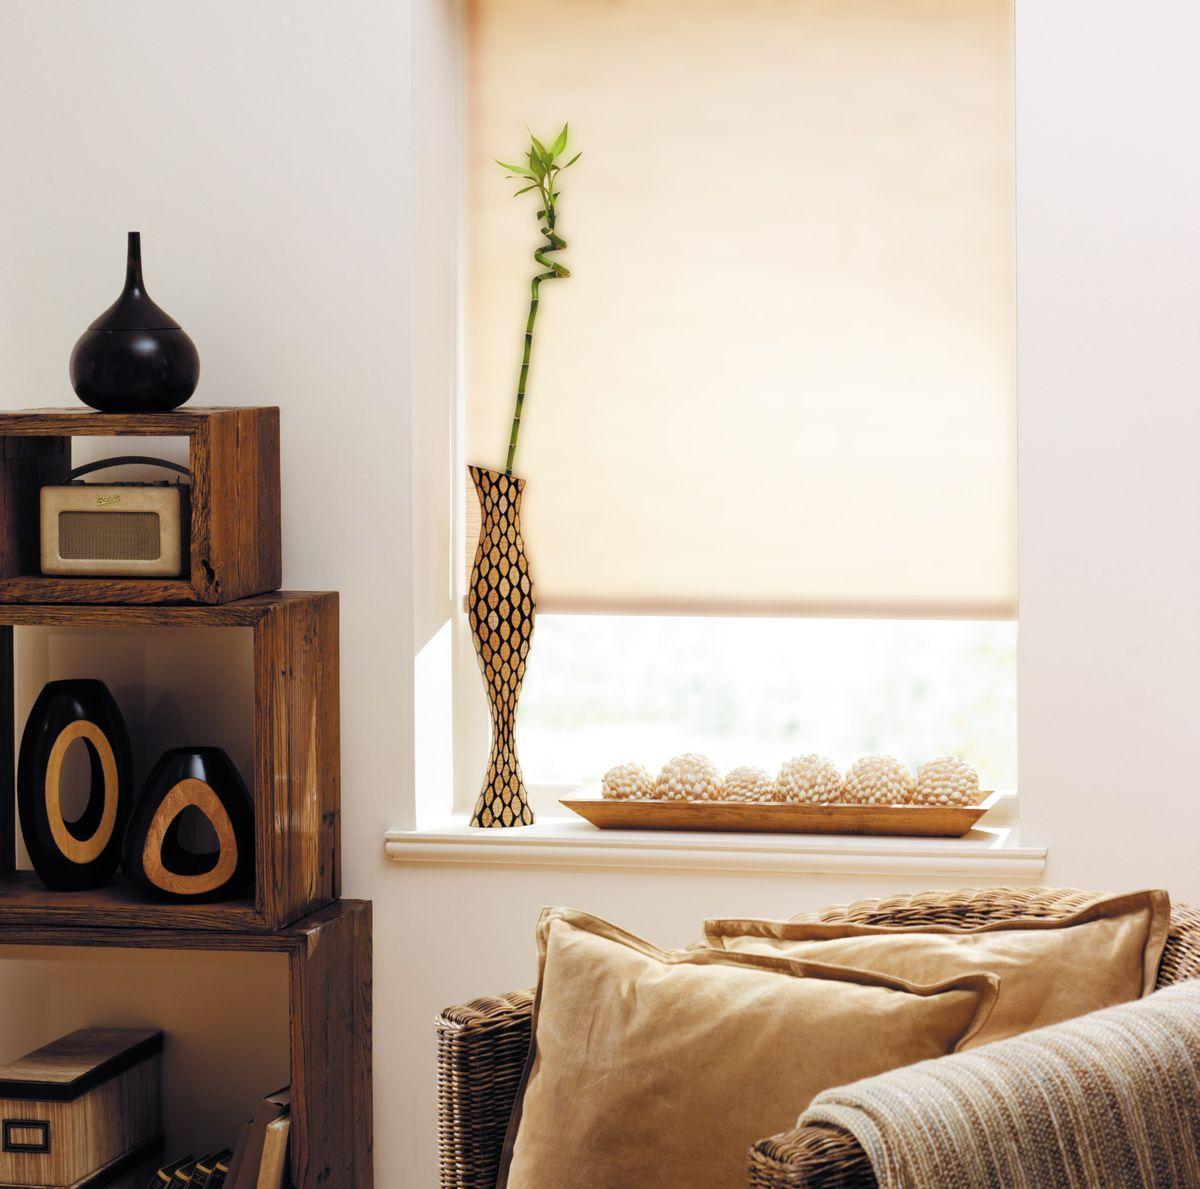 Штора рулонная для балконной двери Эскар Миниролло, цвет: бежевый лен, ширина 52 см, высота 215 см30409052215Рулонная штора Эскар Миниролло выполнена из высокопрочной ткани, которая сохраняет свой размер даже при намокании. Ткань не выцветает и обладает отличной цветоустойчивостью. Миниролло - это подвид рулонных штор, который закрывает не весь оконный проем, а непосредственно само стекло. Такие шторы крепятся на раму без сверления при помощи зажимов или клейкой двухсторонней ленты (в комплекте). Окно остается на гарантии, благодаря монтажу без сверления. Такая штора станет прекрасным элементом декора окна и гармонично впишется в интерьер любого помещения.